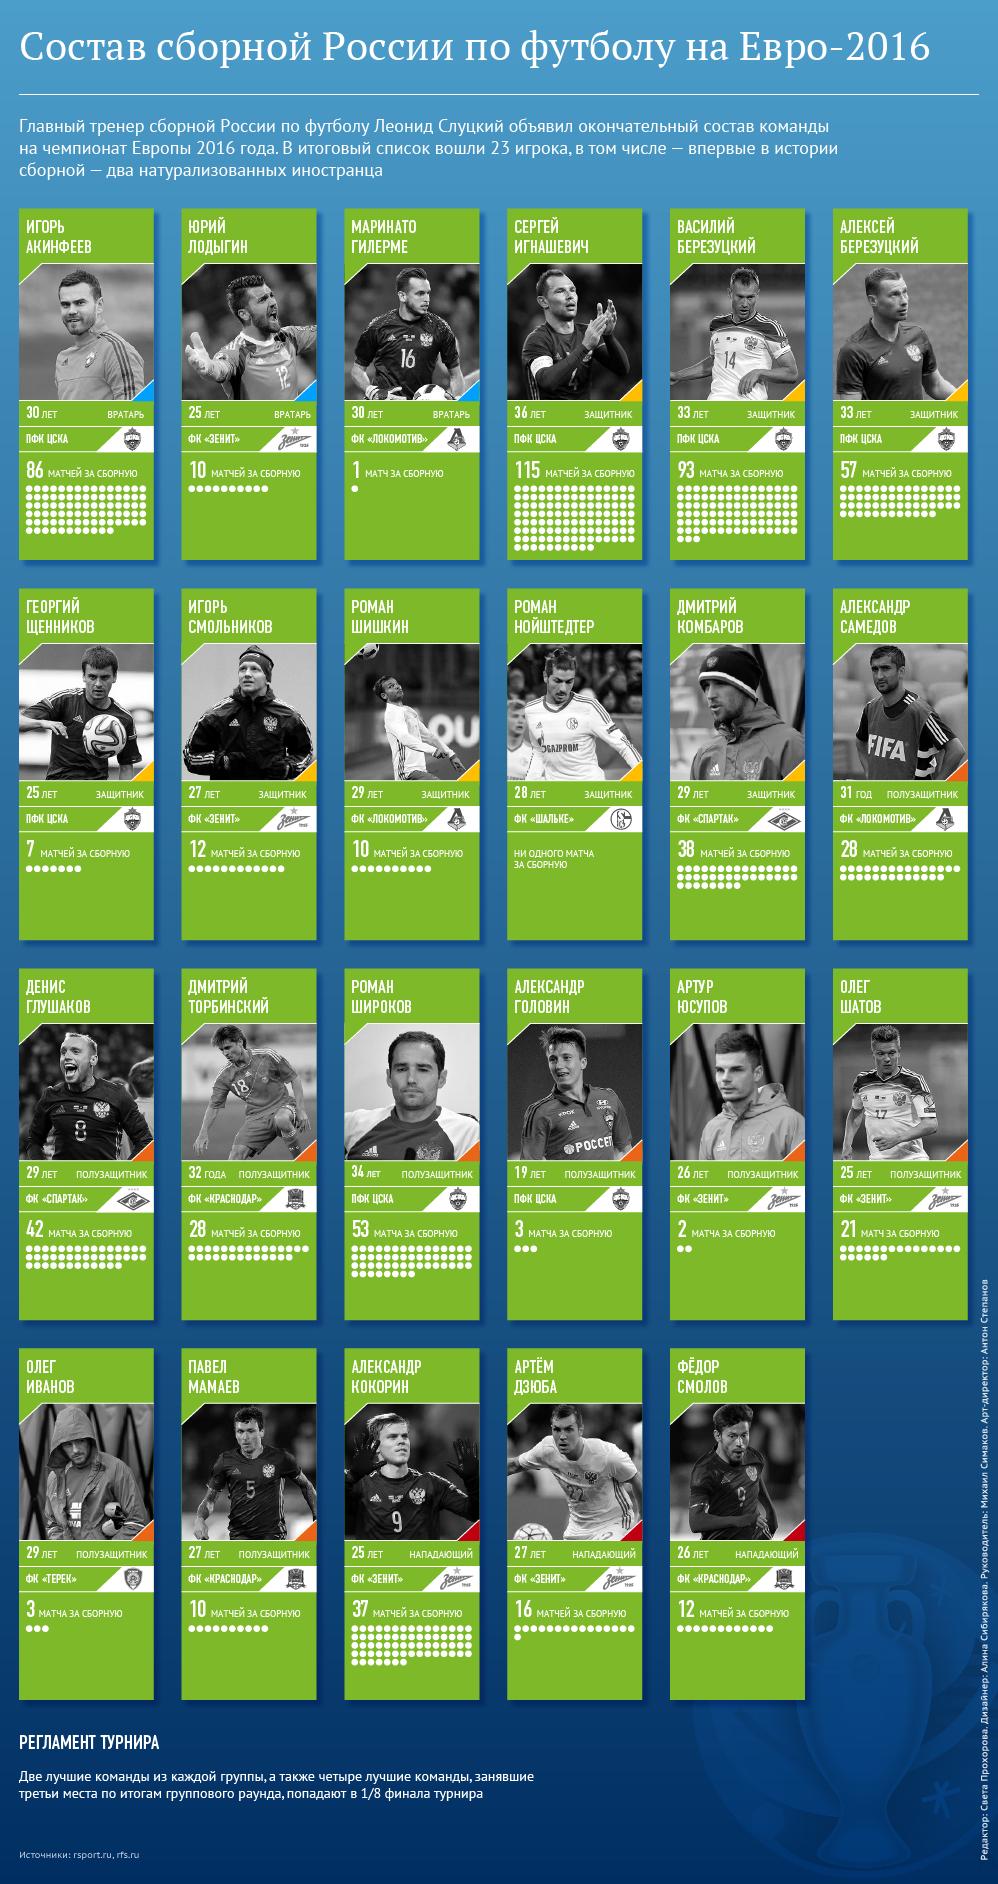 Состав сборной России по футболу на Евро-2016